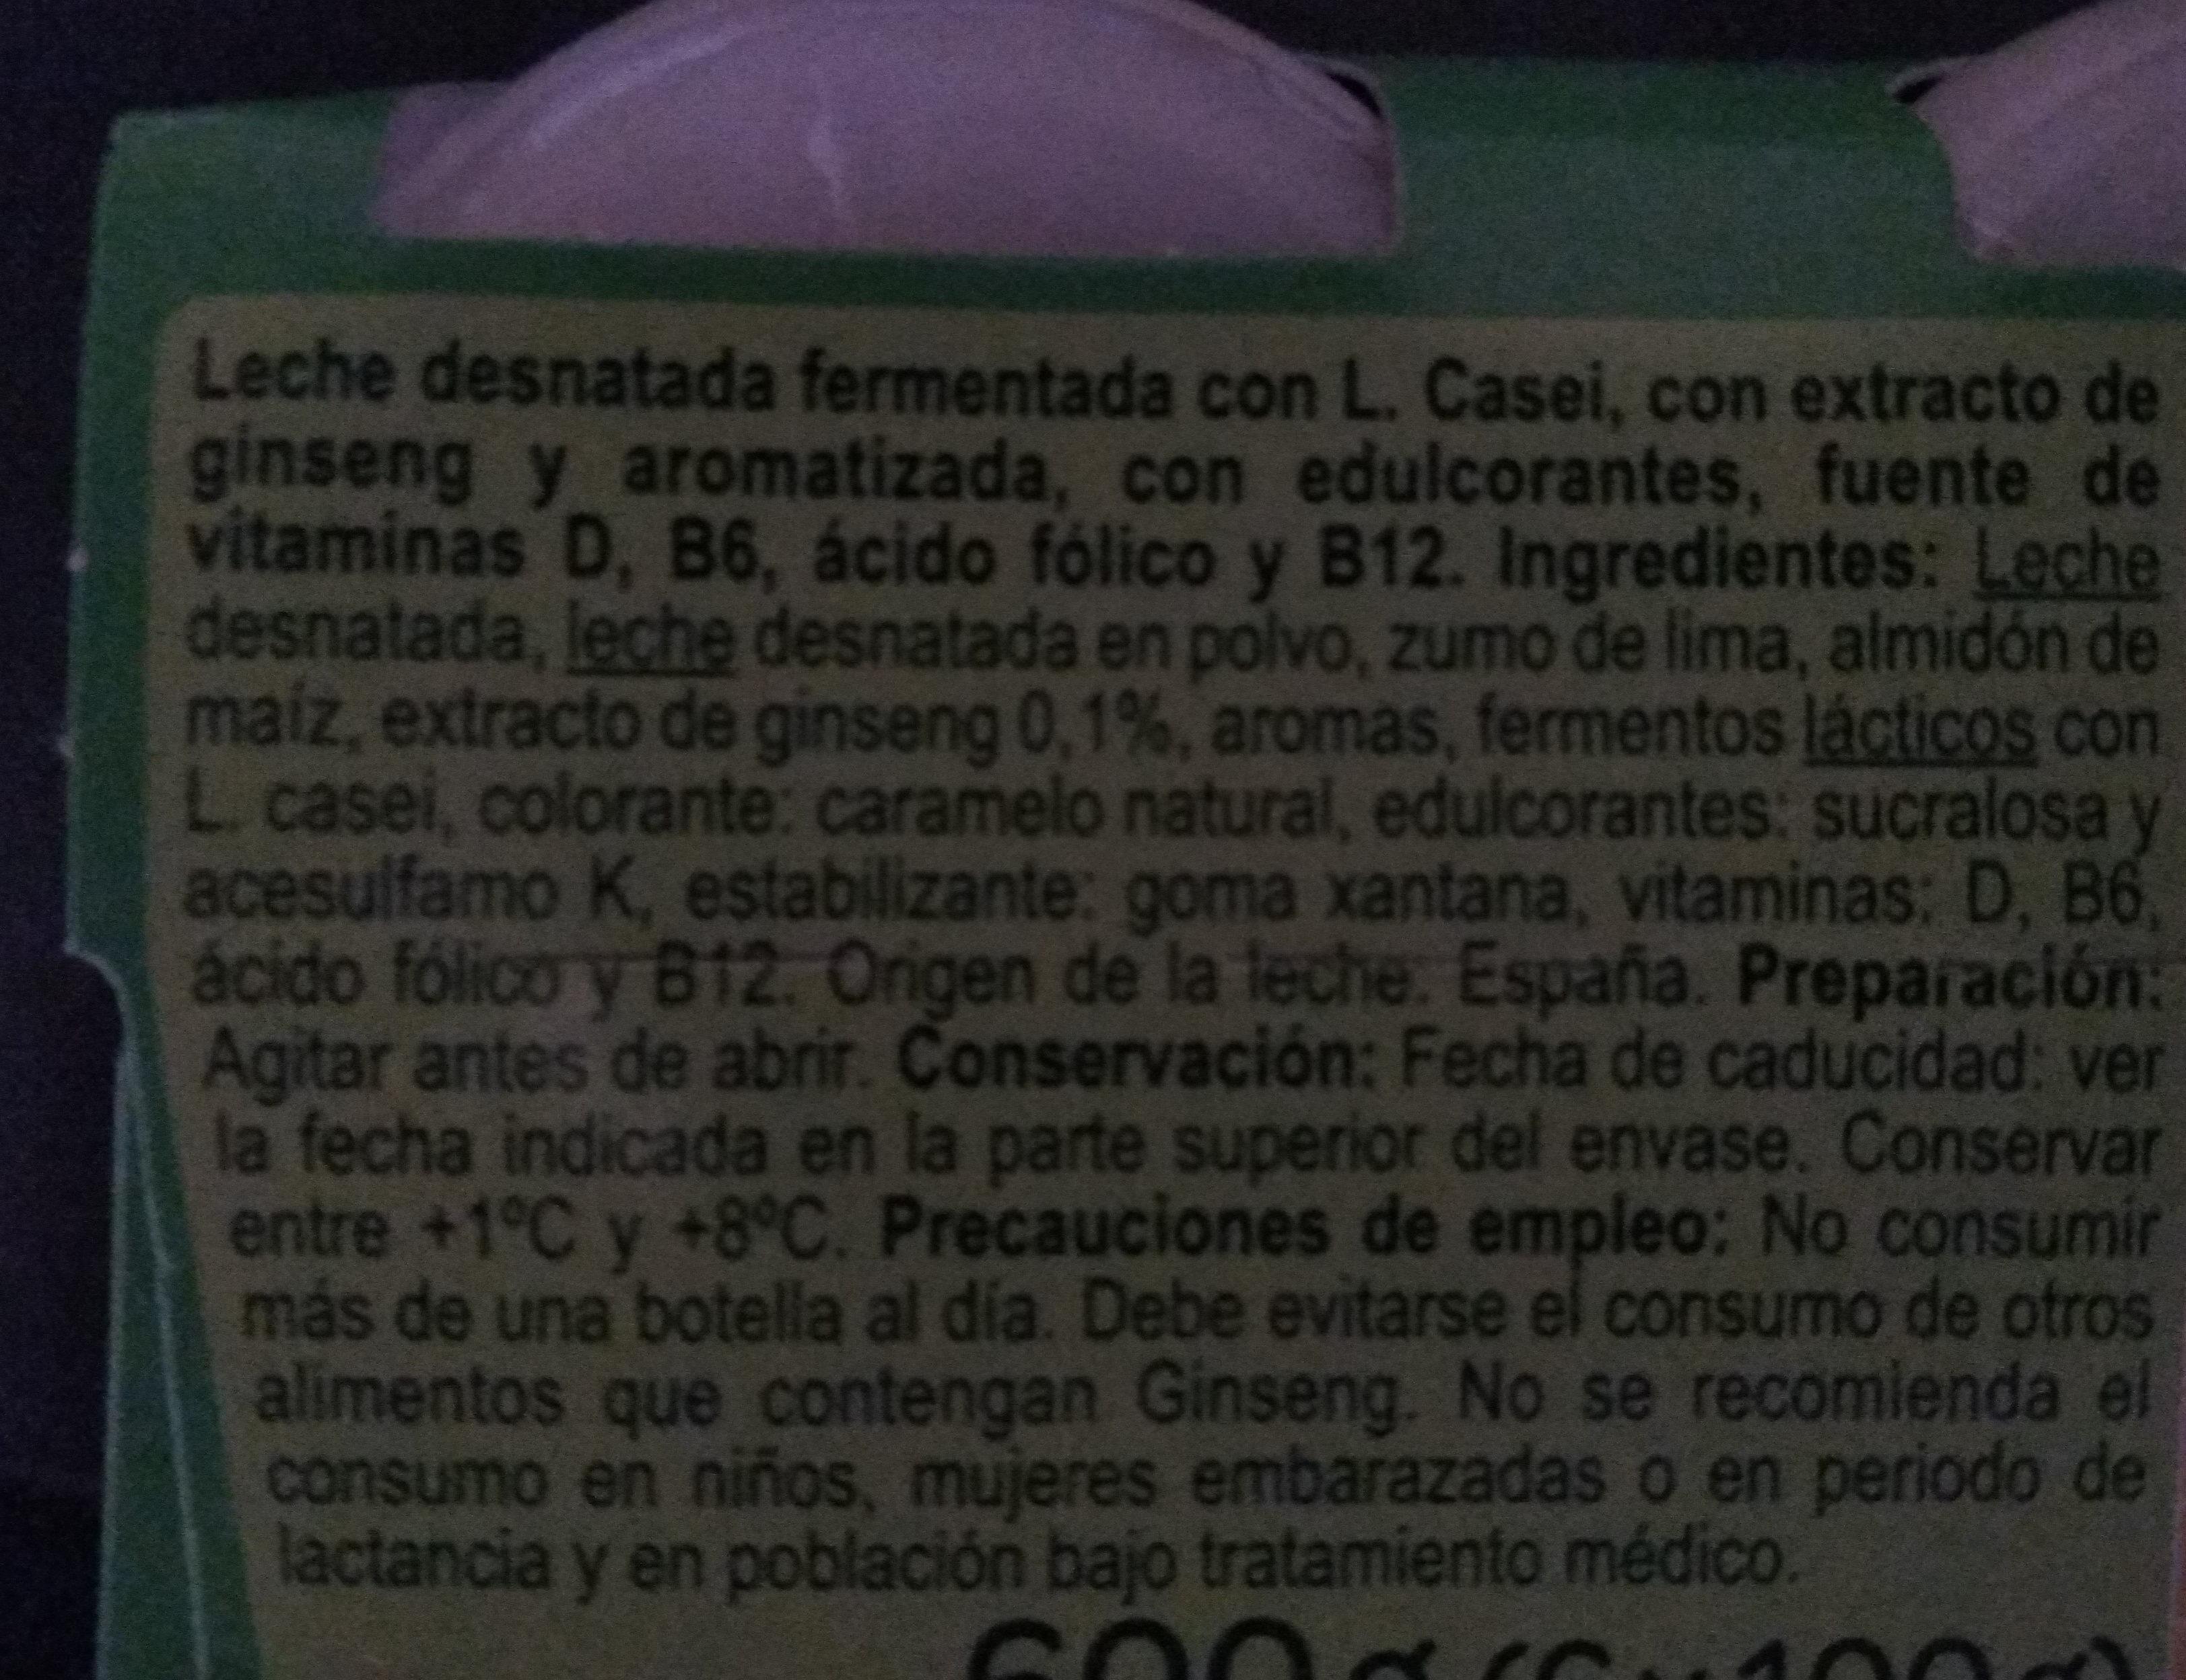 Yogurt líquido L. Casei - Ingredients - es